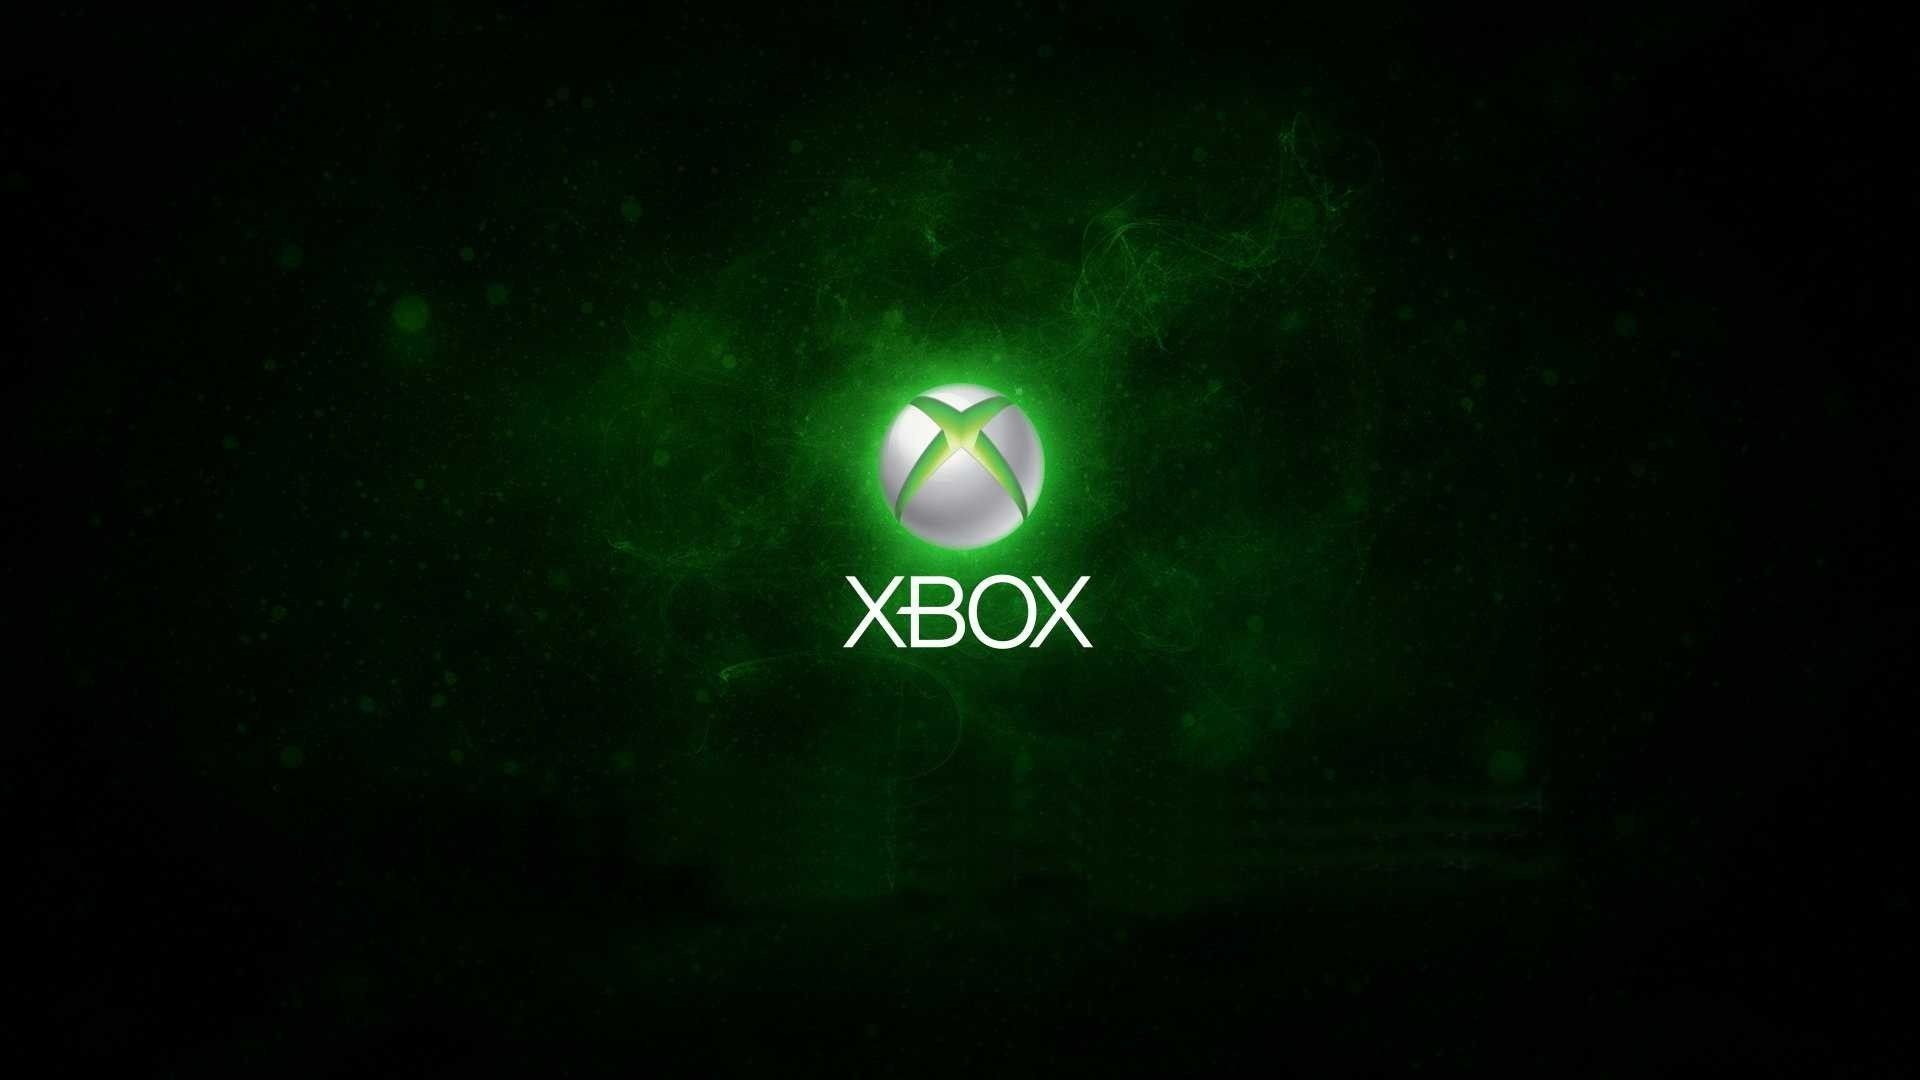 Xbox - أكس بوكس